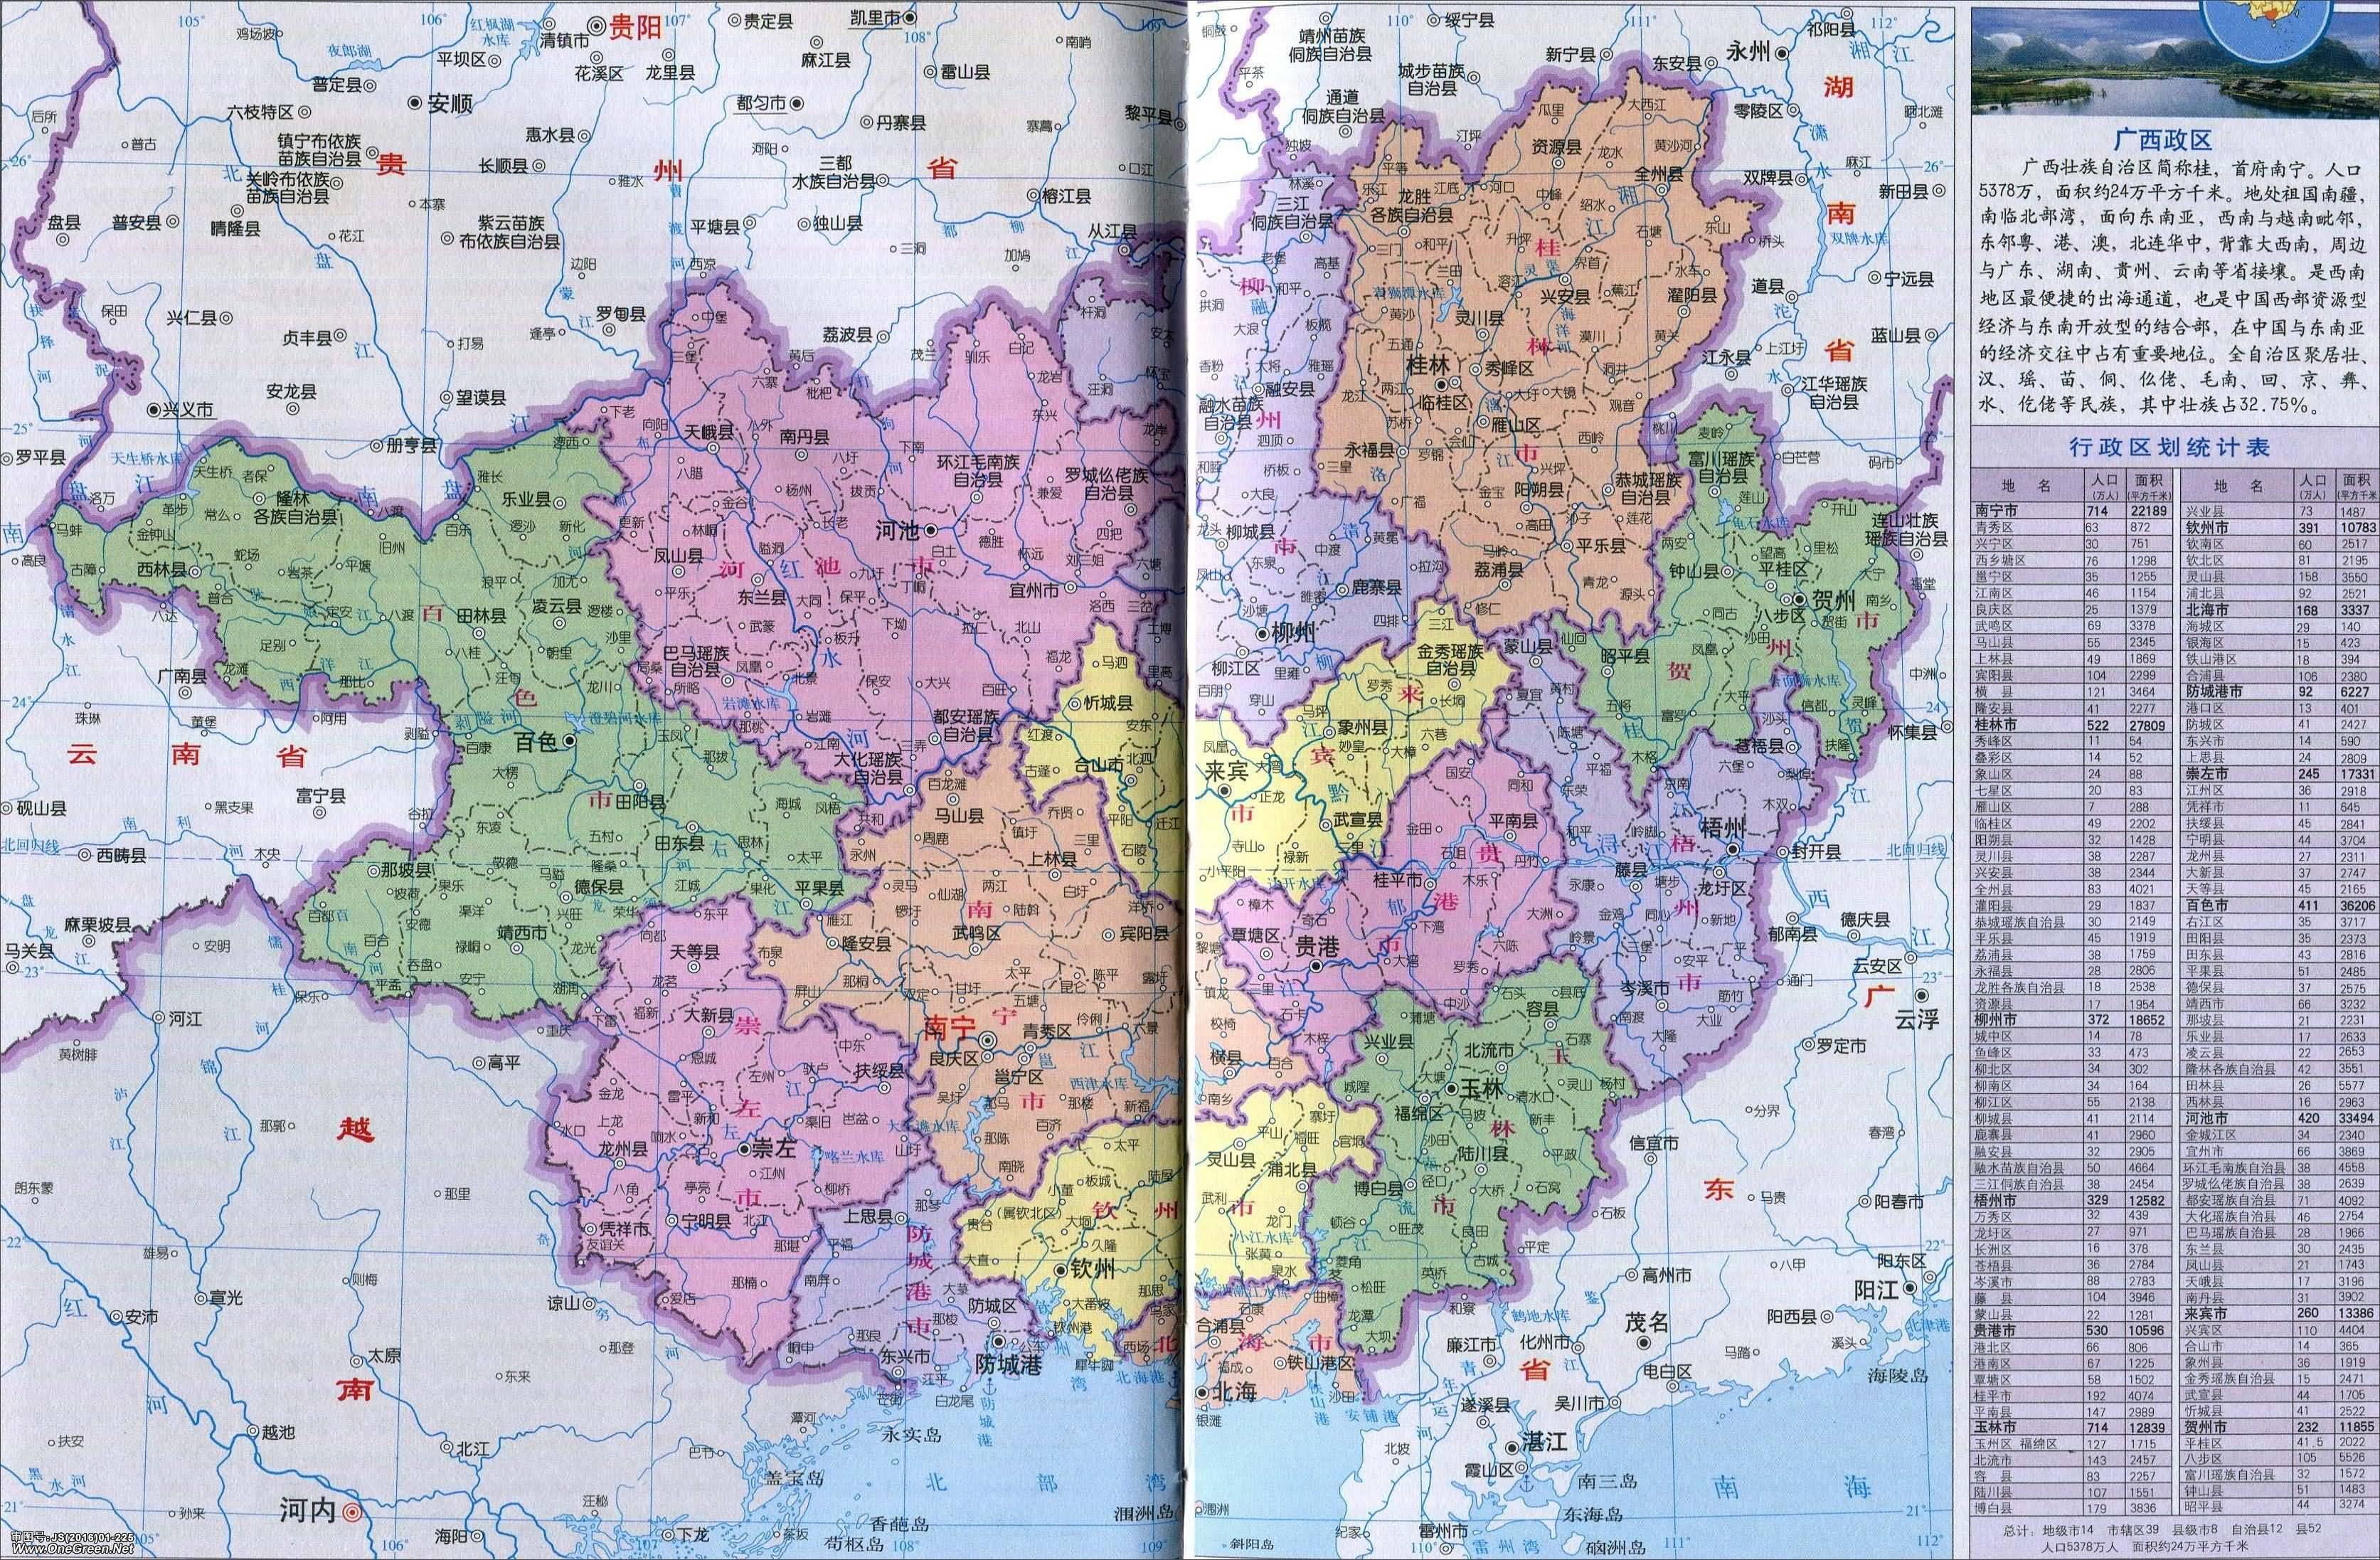 广西交通地图全图_广西地图全图高清版_地图窝